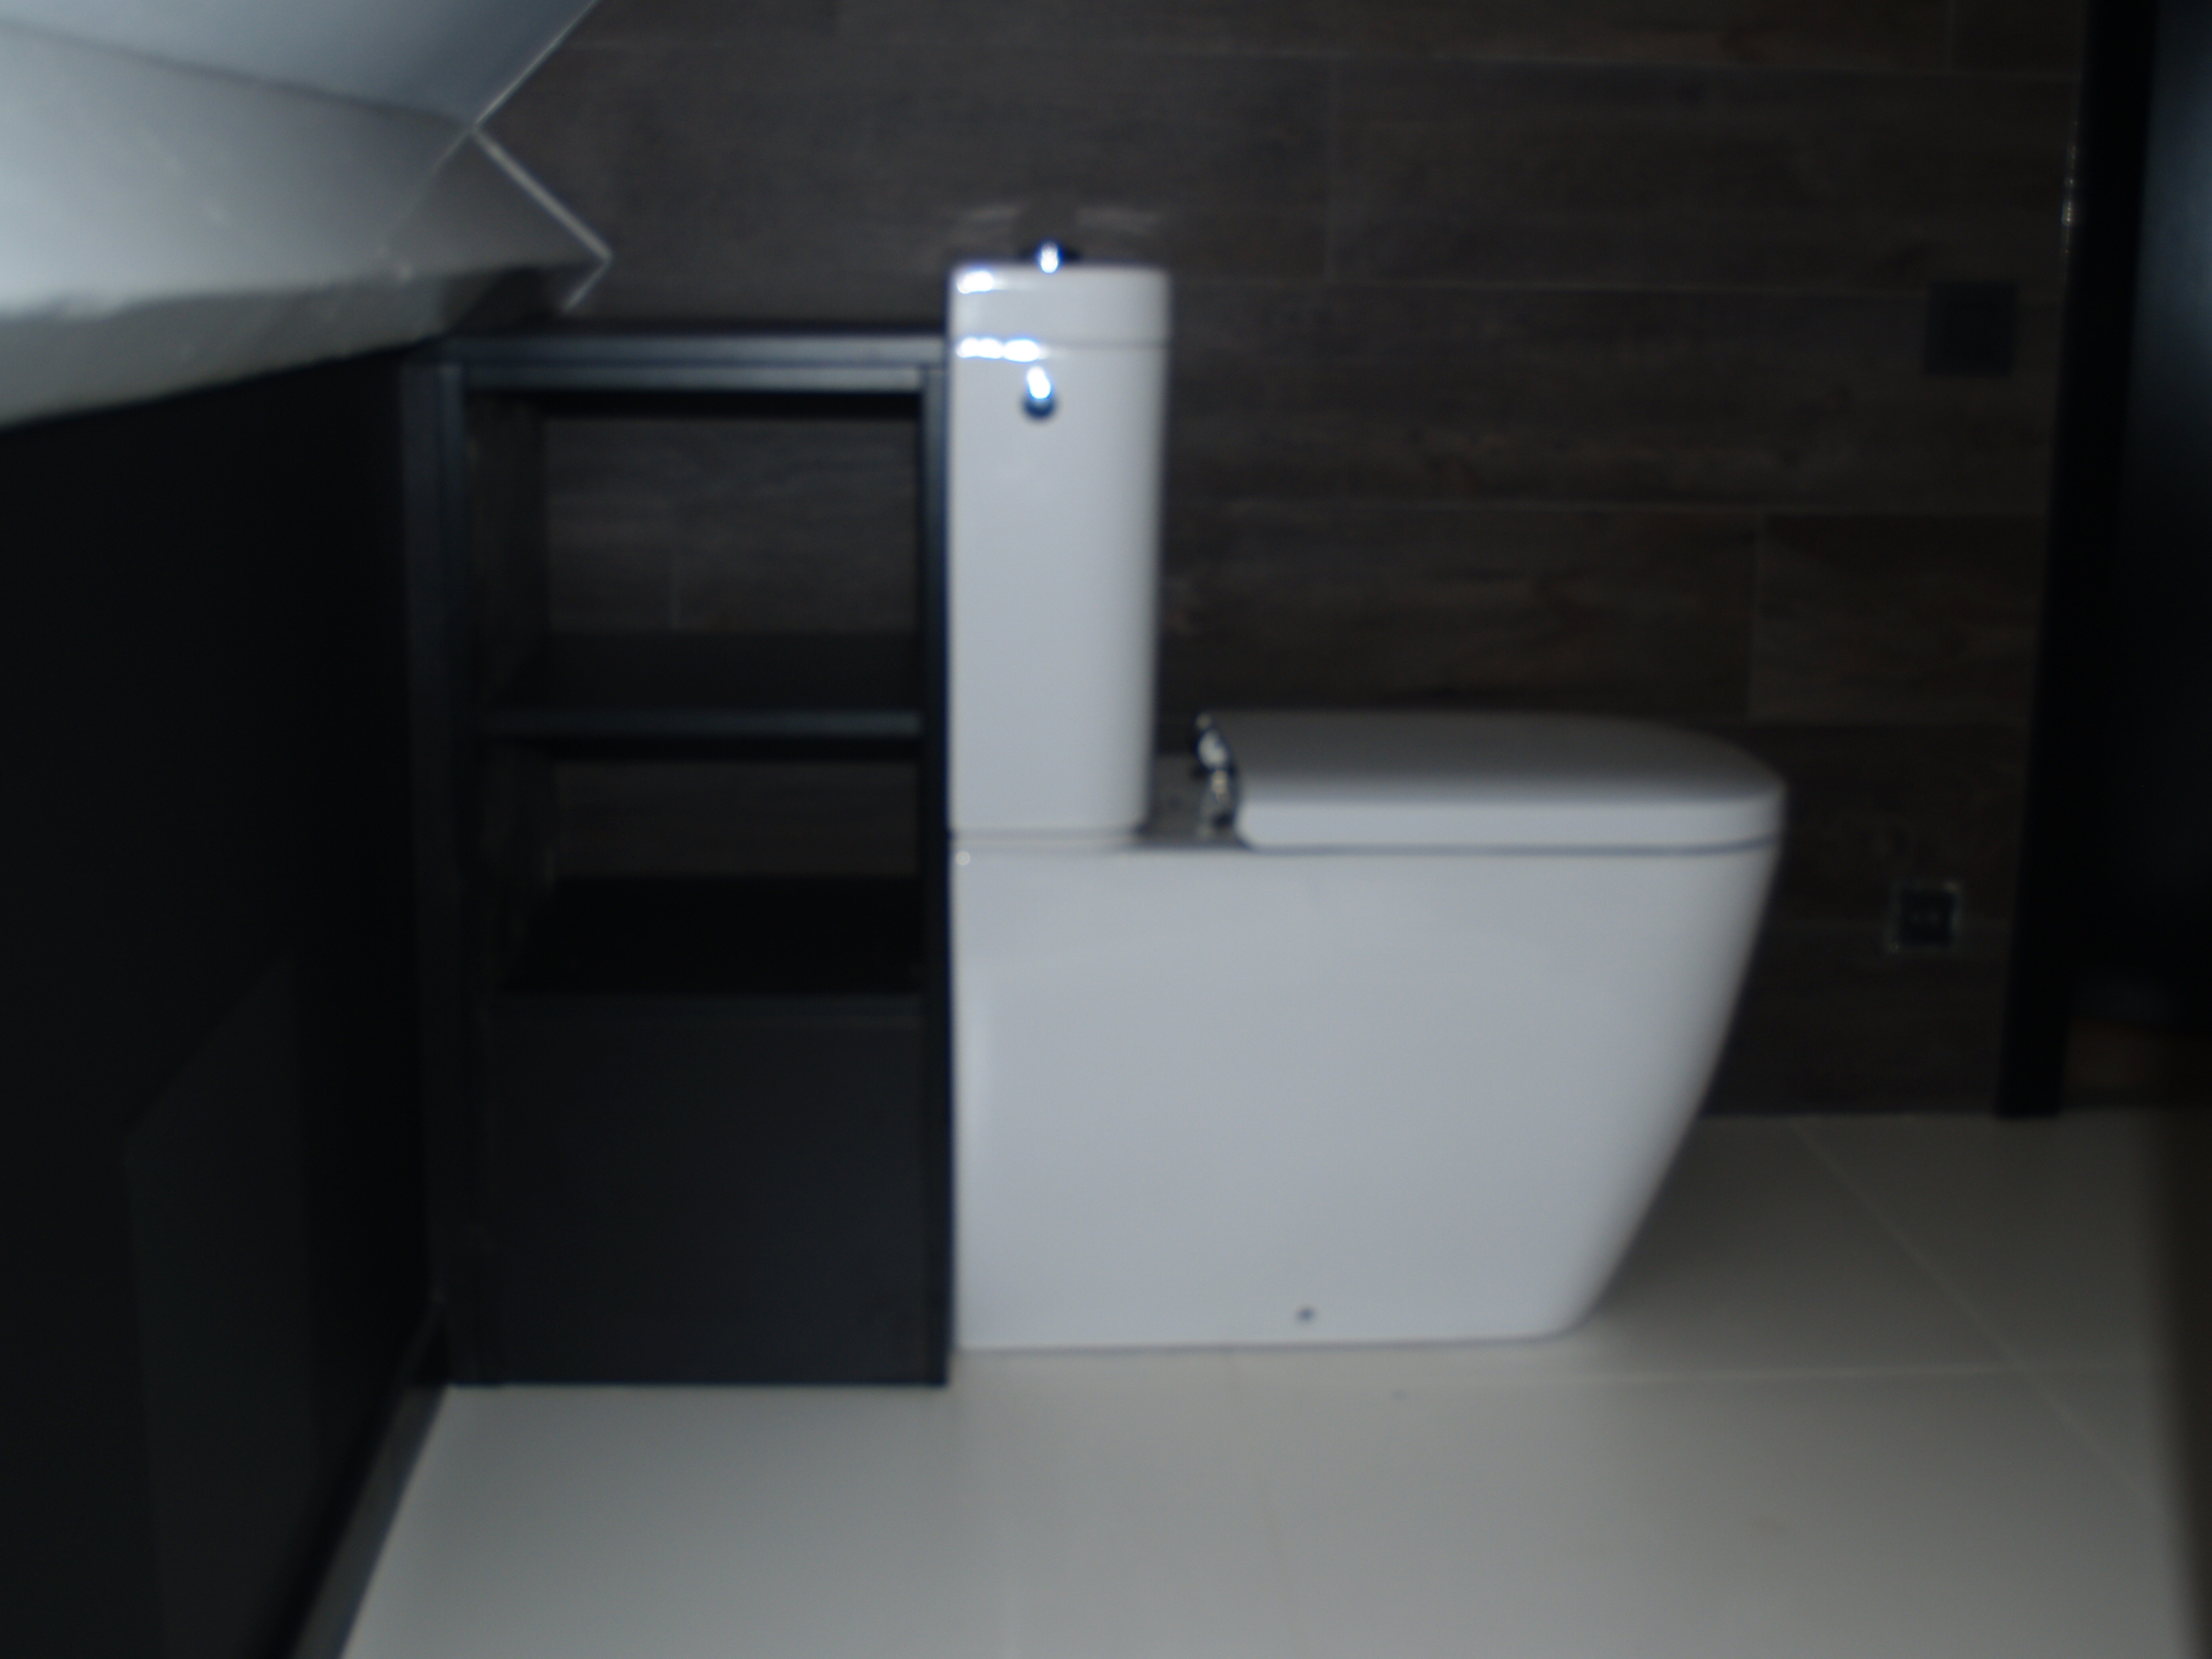 meuble de rangement en mlamin ton noir fabriqu sur mesure afin de cacher les tuyauteries larrire. Black Bedroom Furniture Sets. Home Design Ideas